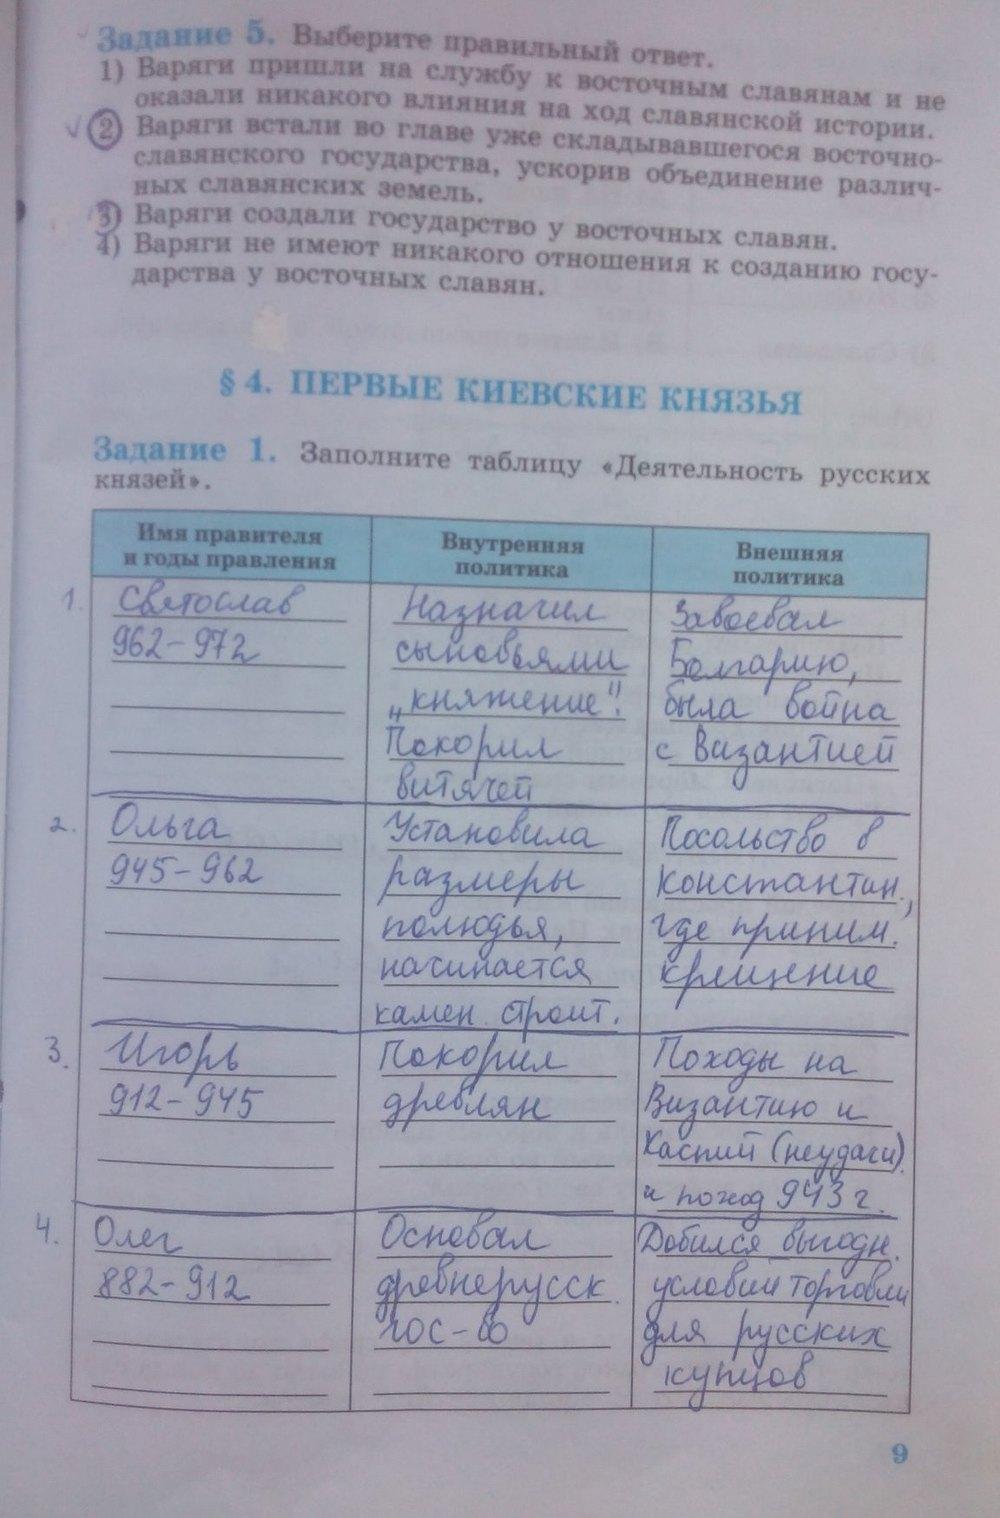 Скачать гдз по рабочей тетради история россии 6 класс данилов косулина